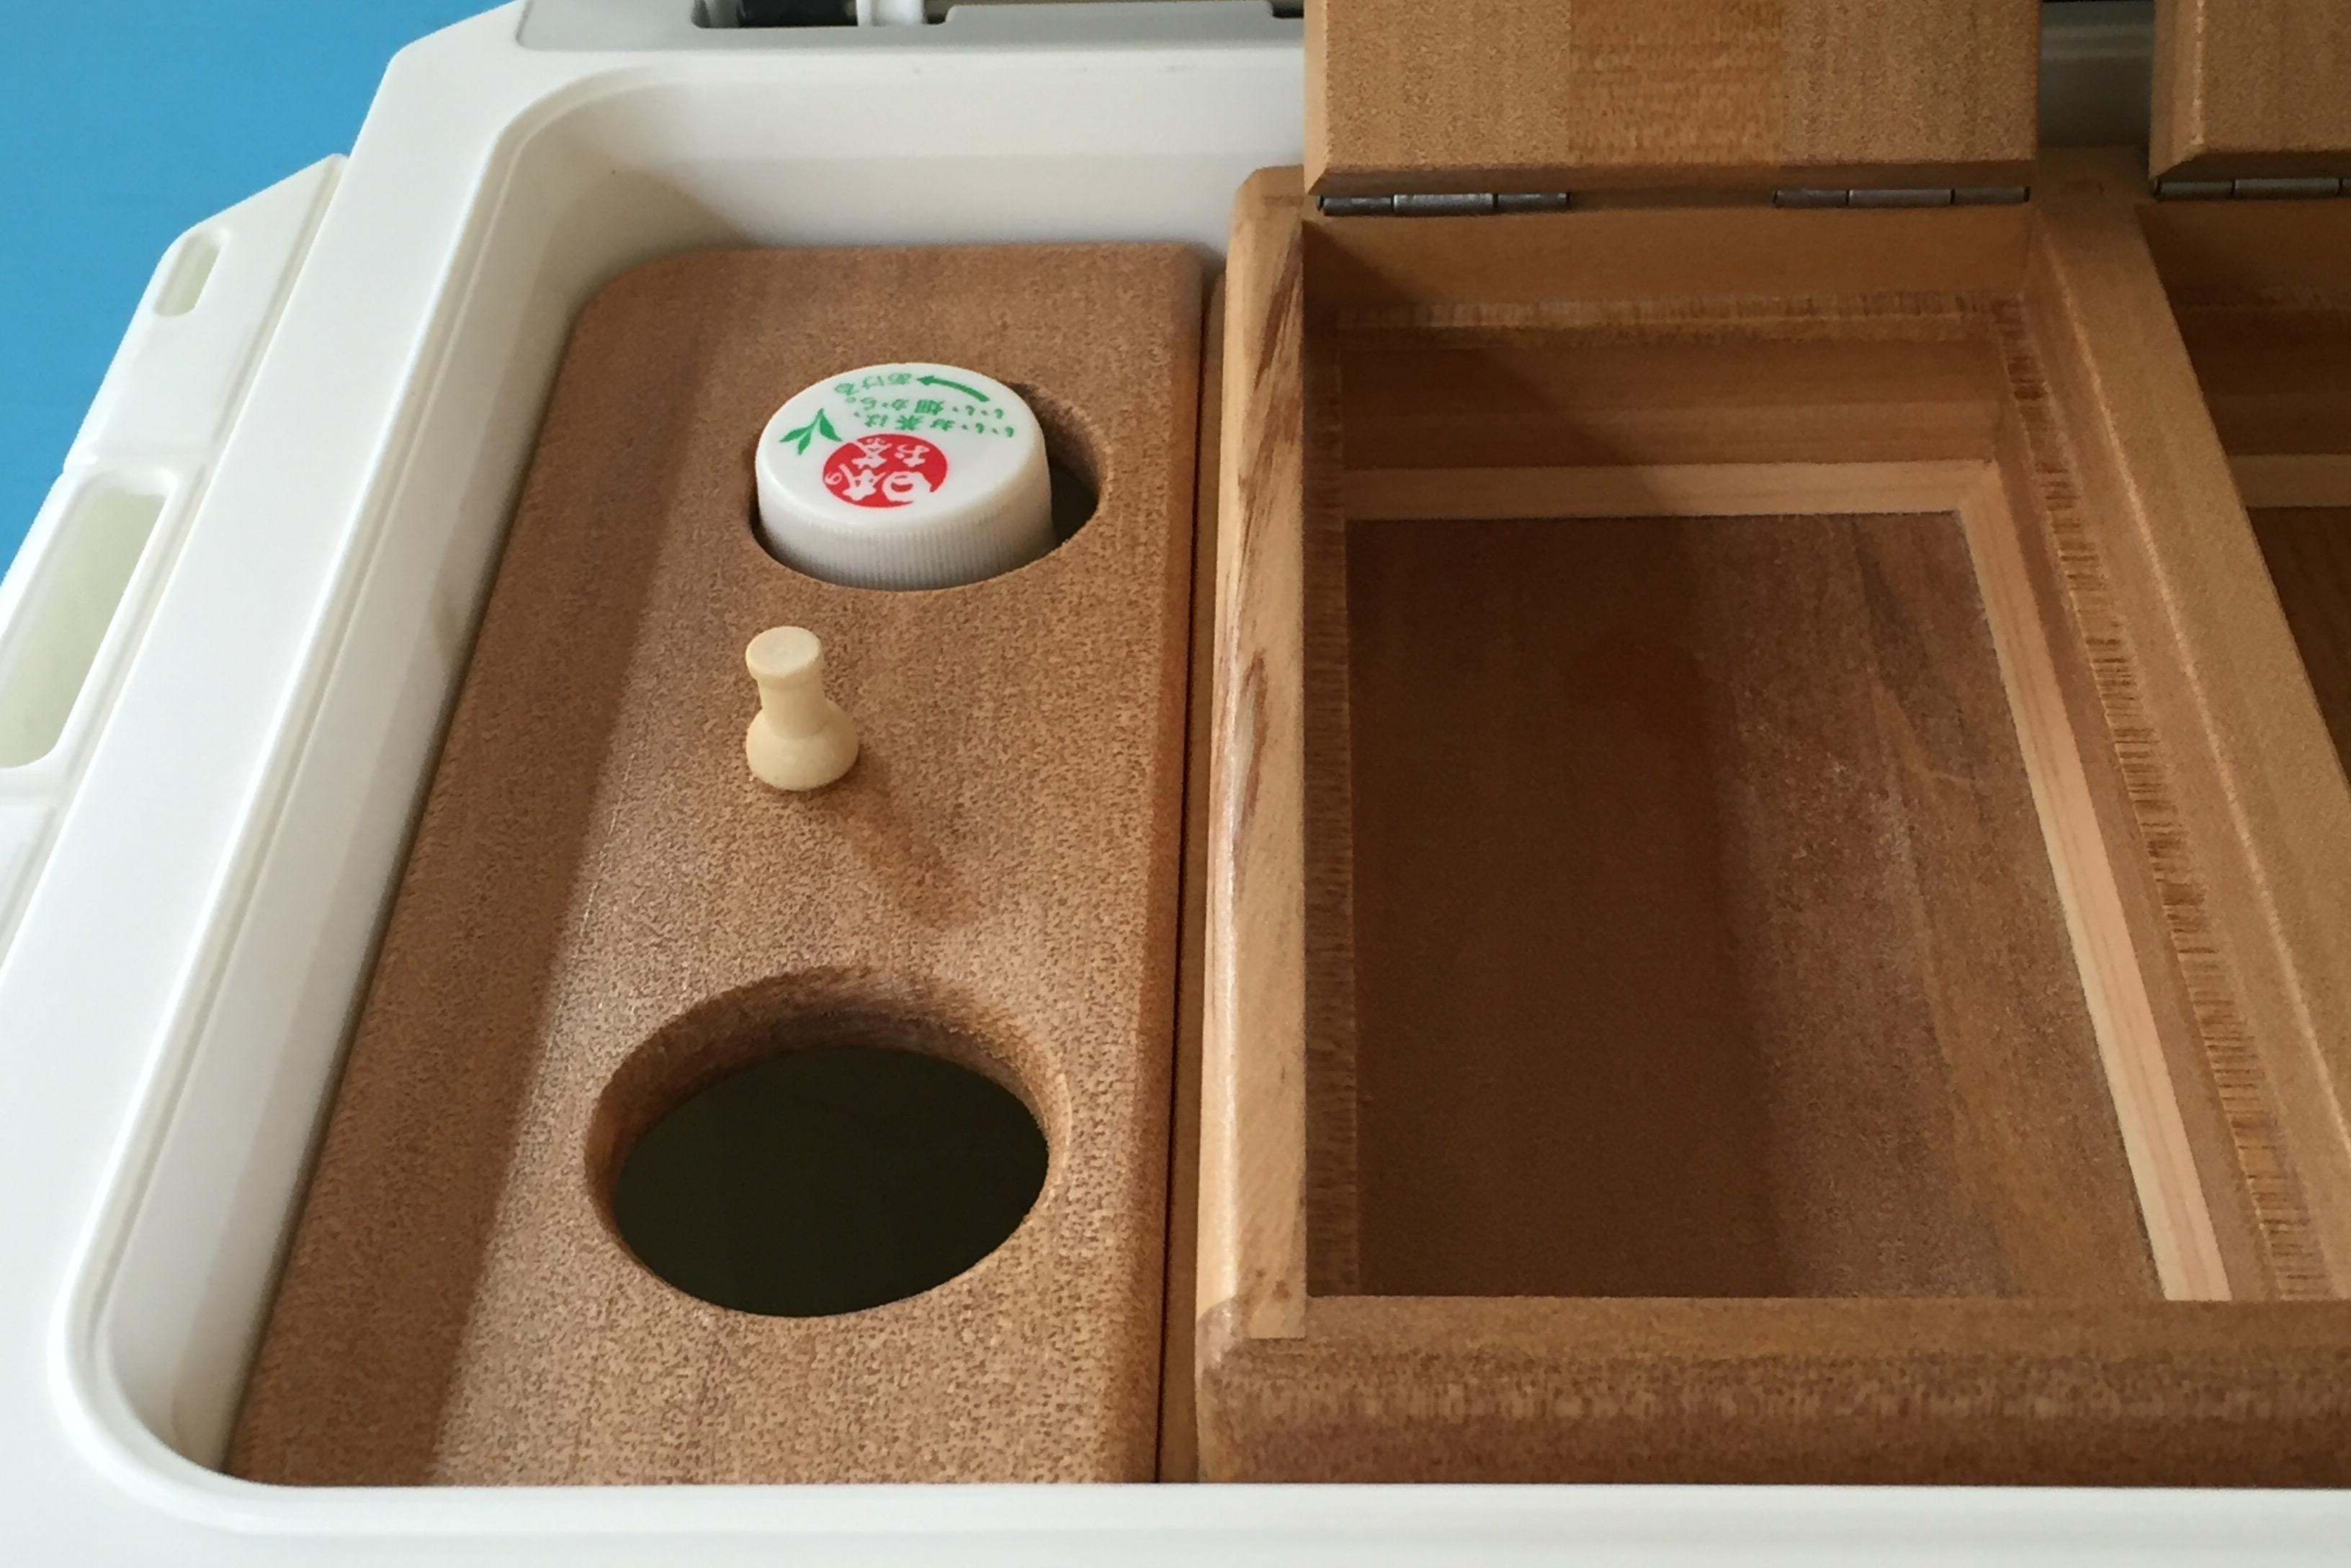 ペットボトルは2本収容タイプ。ペットボトルを凍らせて入れれば保冷に役立ちます。